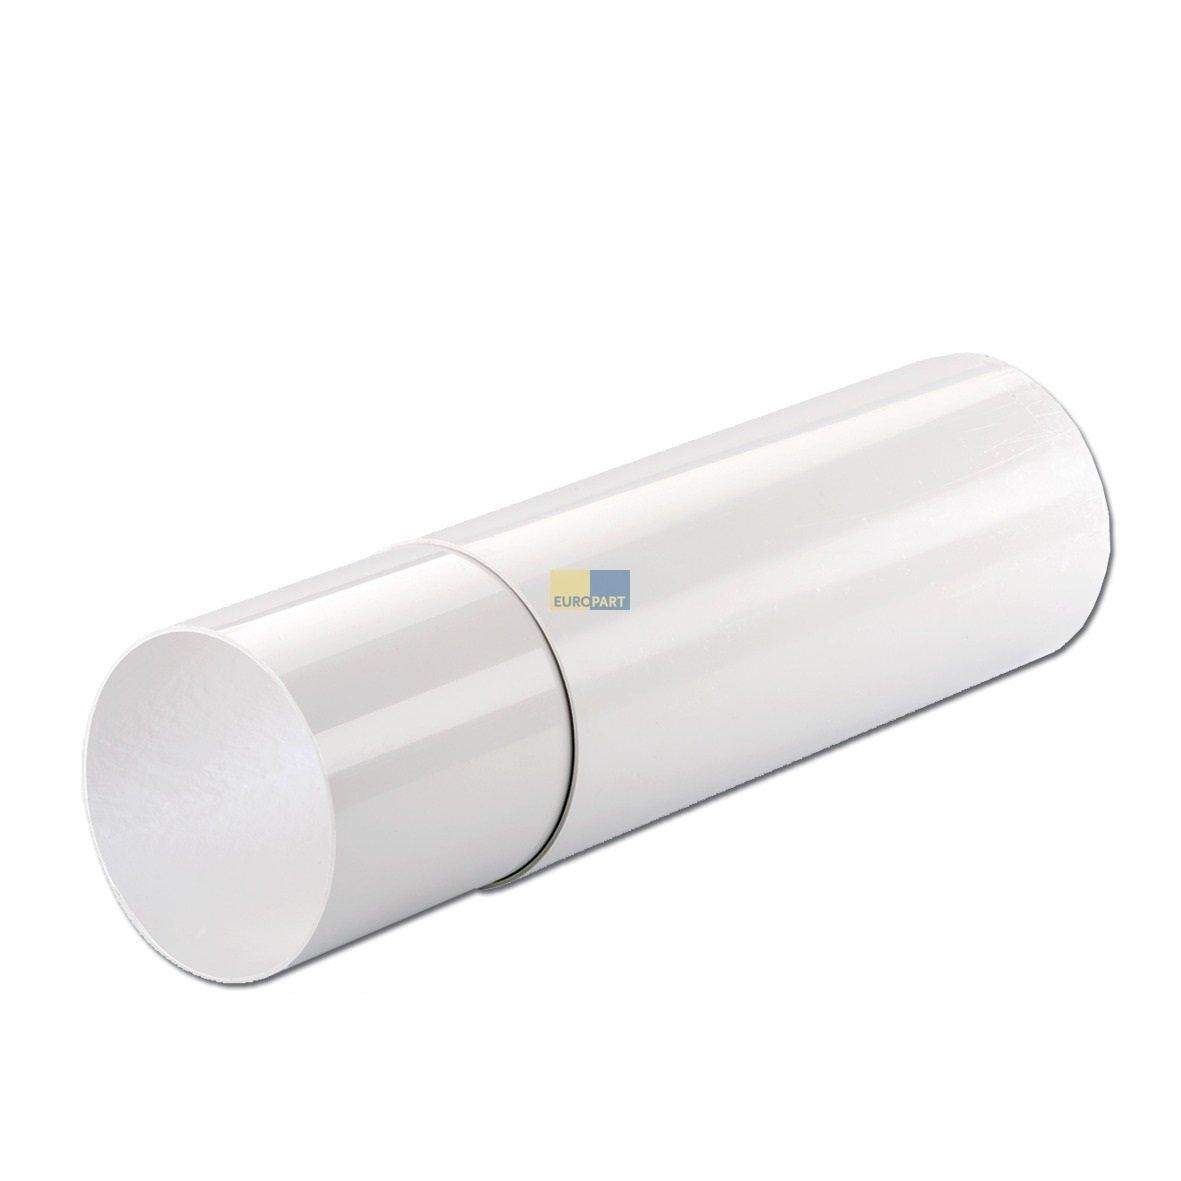 Rohr Teleskoprohr 150erR 300-560mm Dunstabzugshaube Luftführungssystem Alternativ